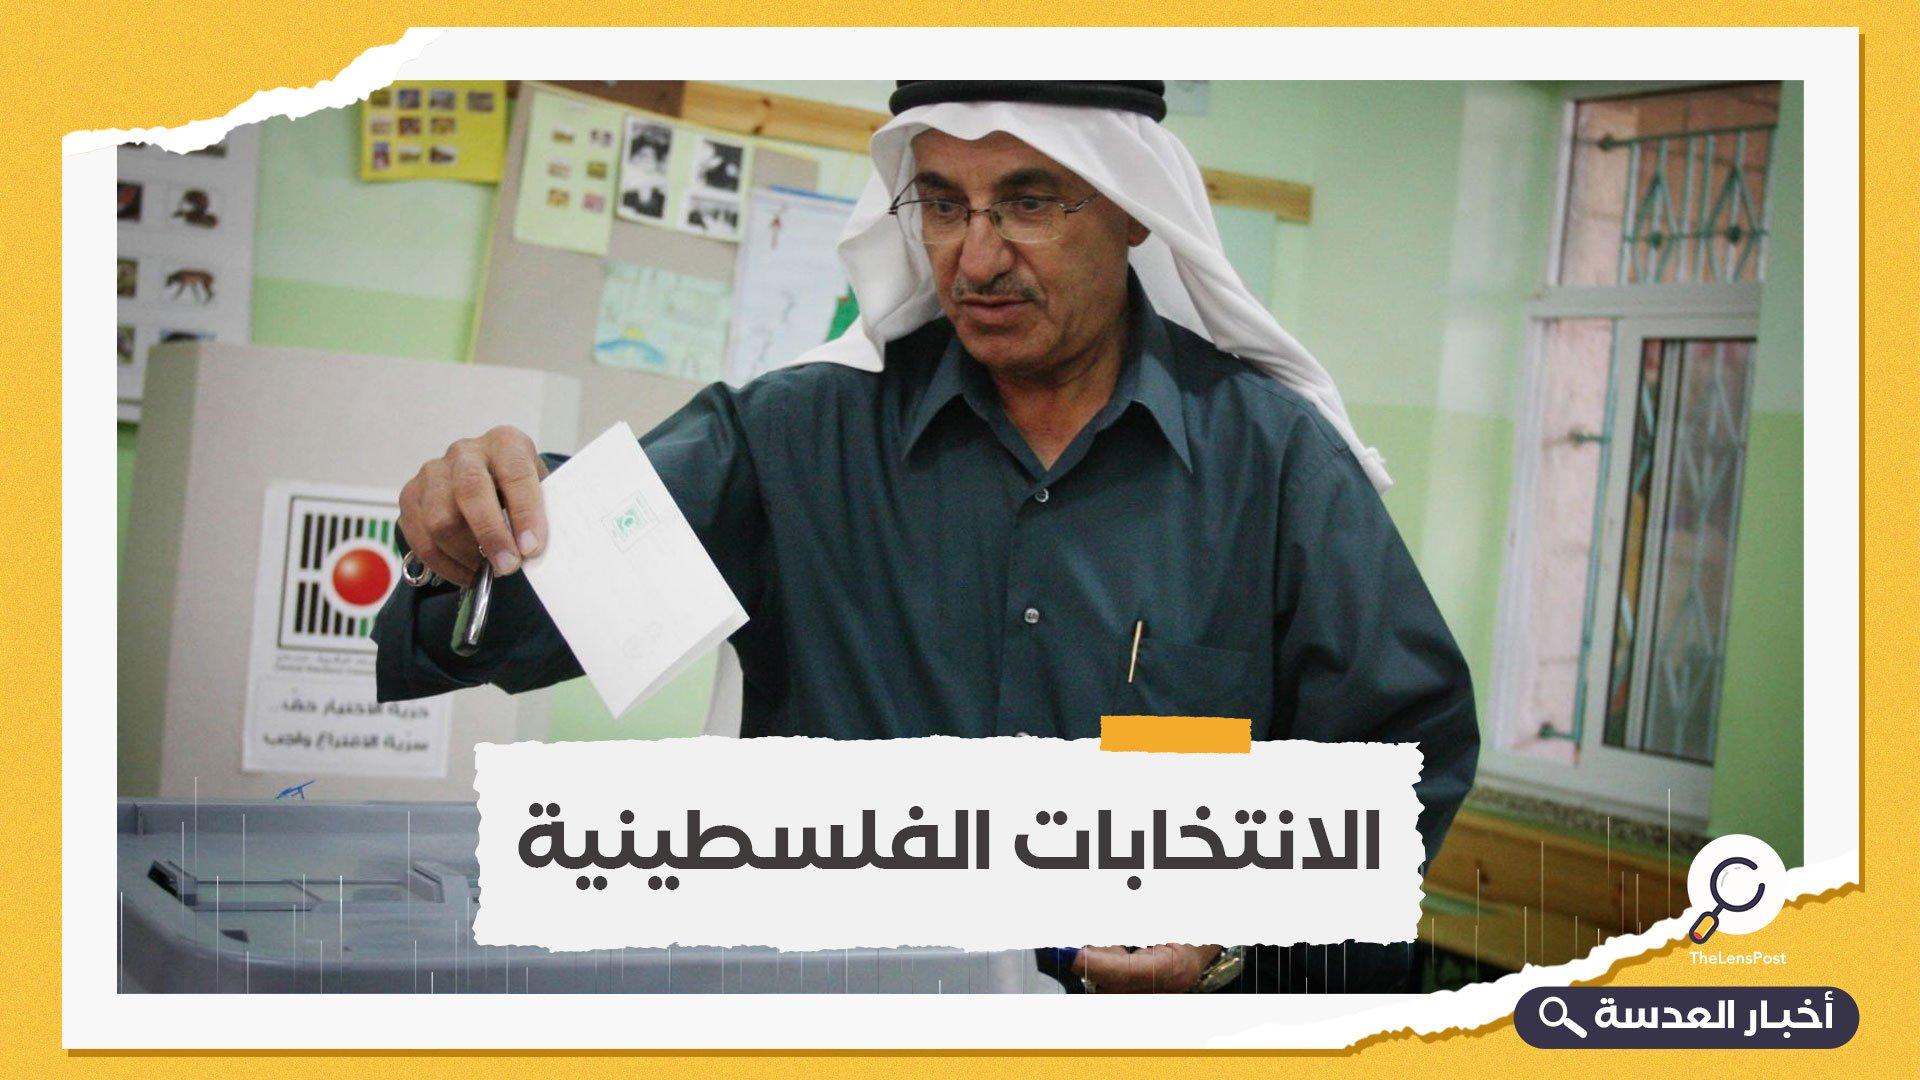 هل ستترشح قيادات الصف الأول في حماس للانتخابات المقبلة؟ مصادر تجيب